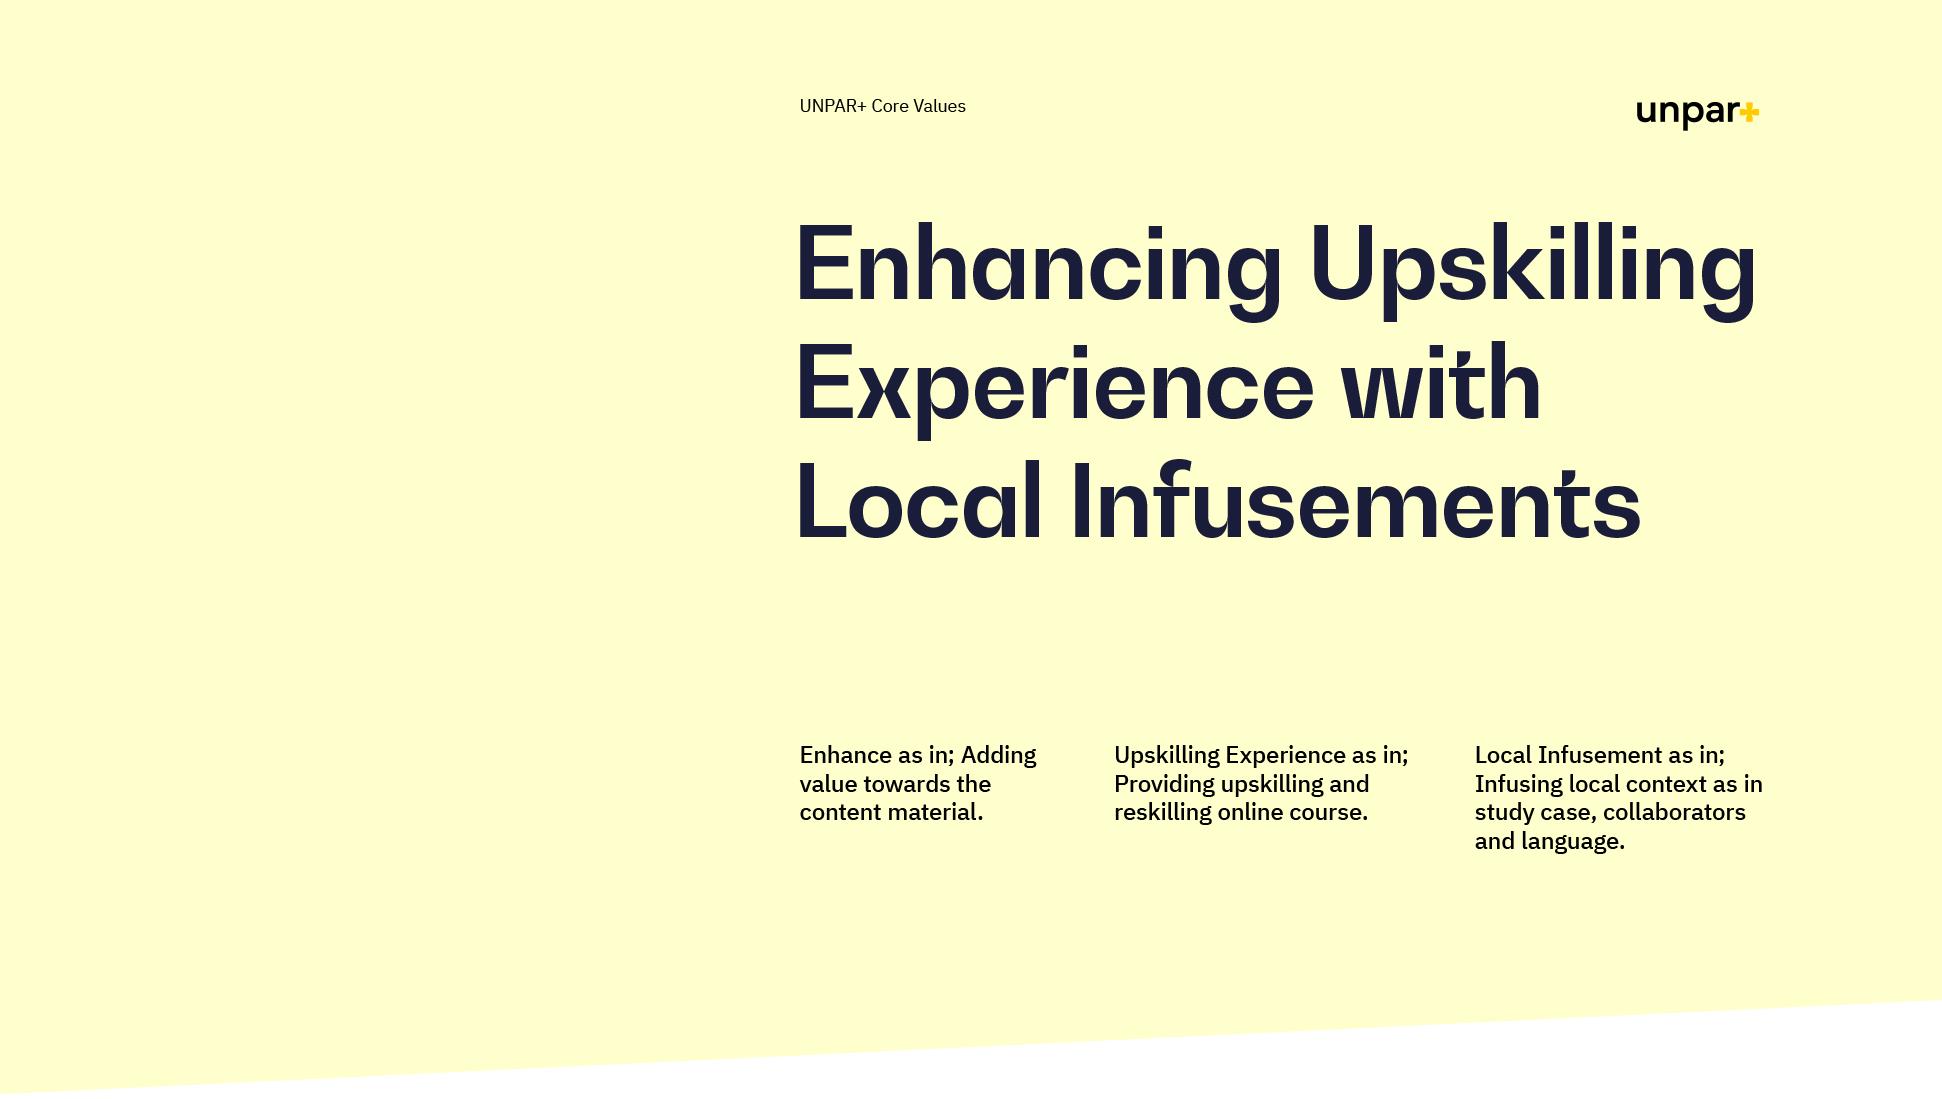 preview01_UNPARplusx